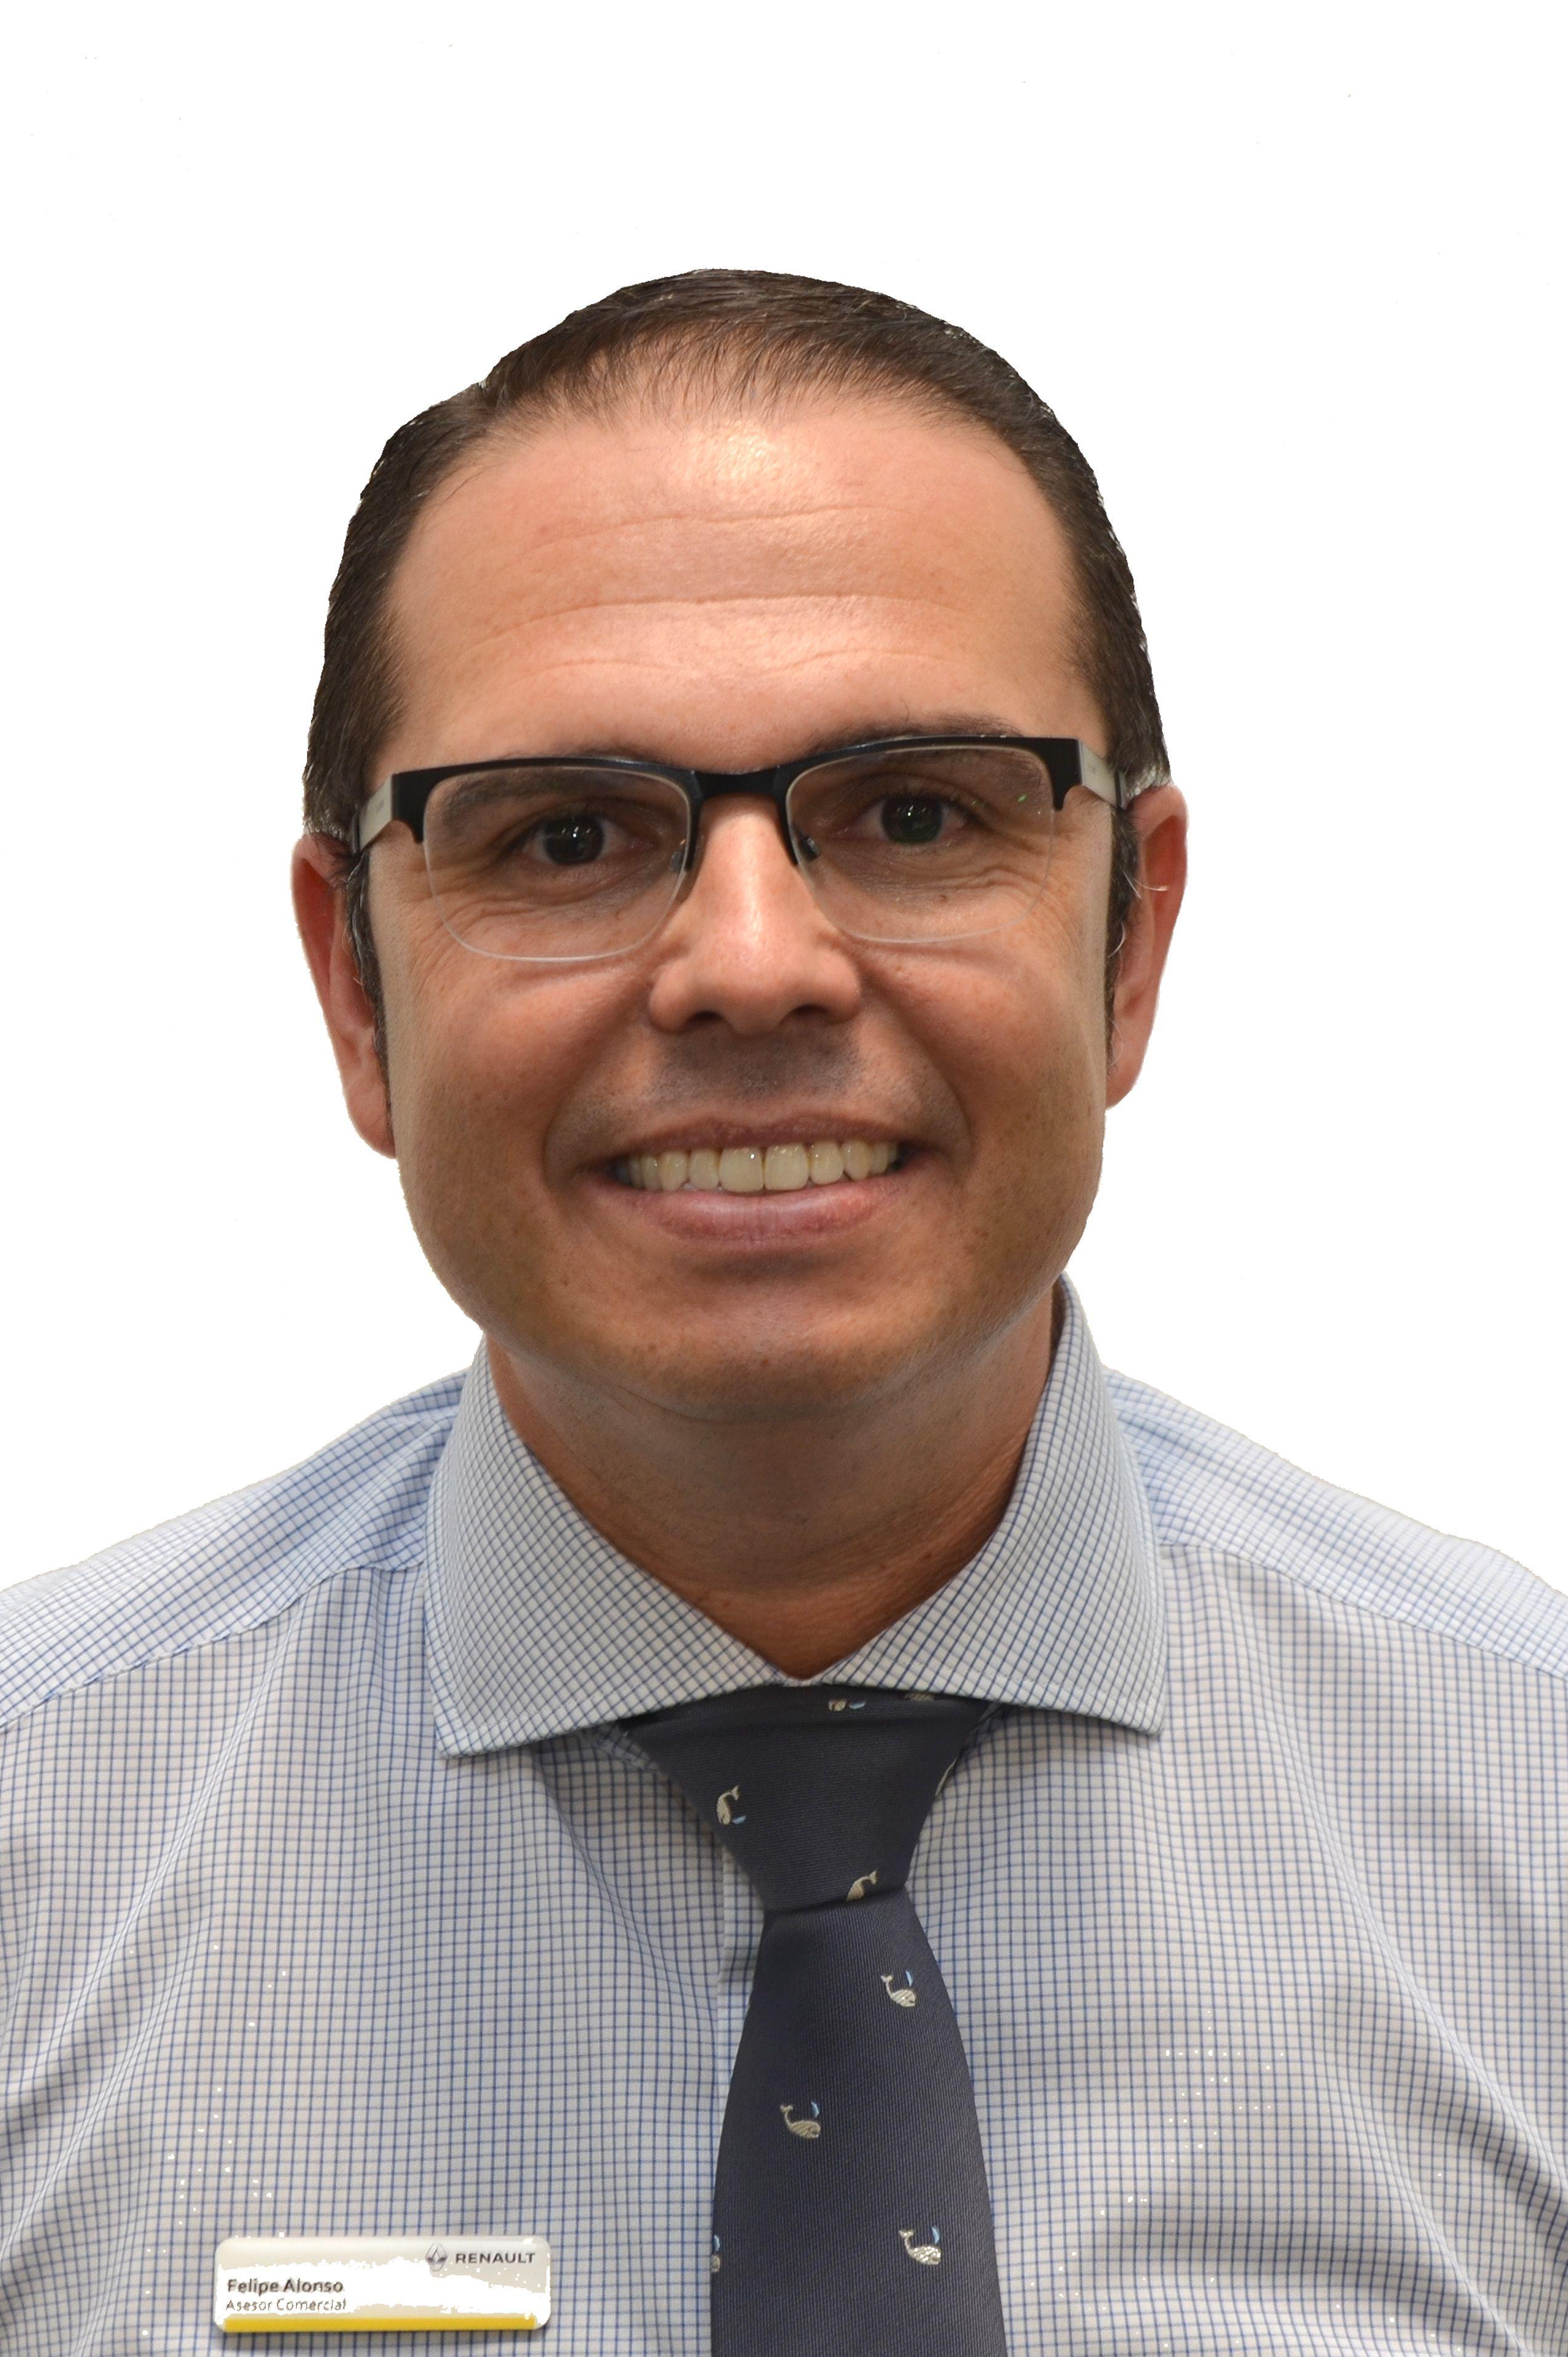 Felipe Alonso Hernández